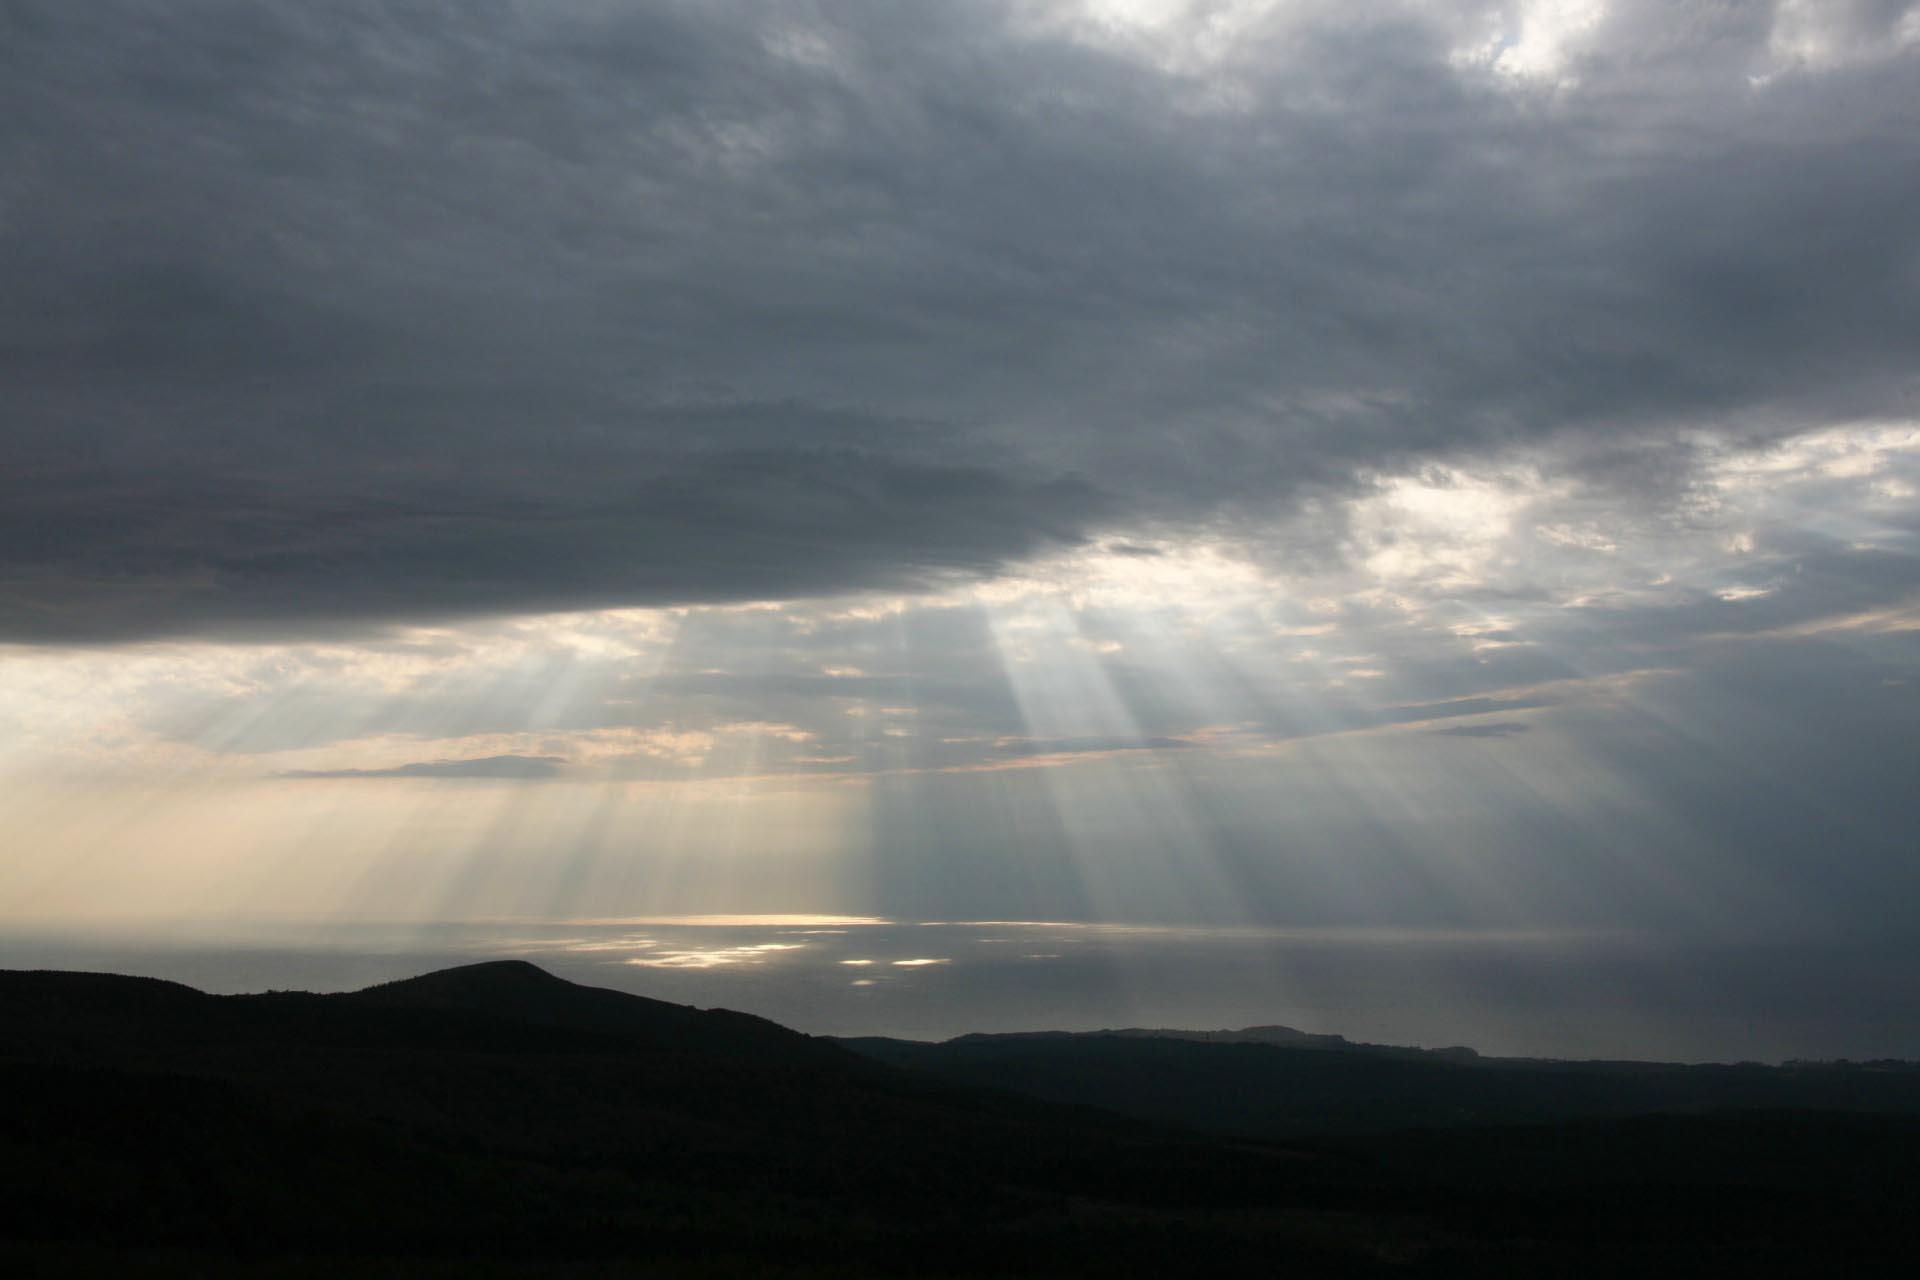 鳥海山から見る風景 秋田の風景